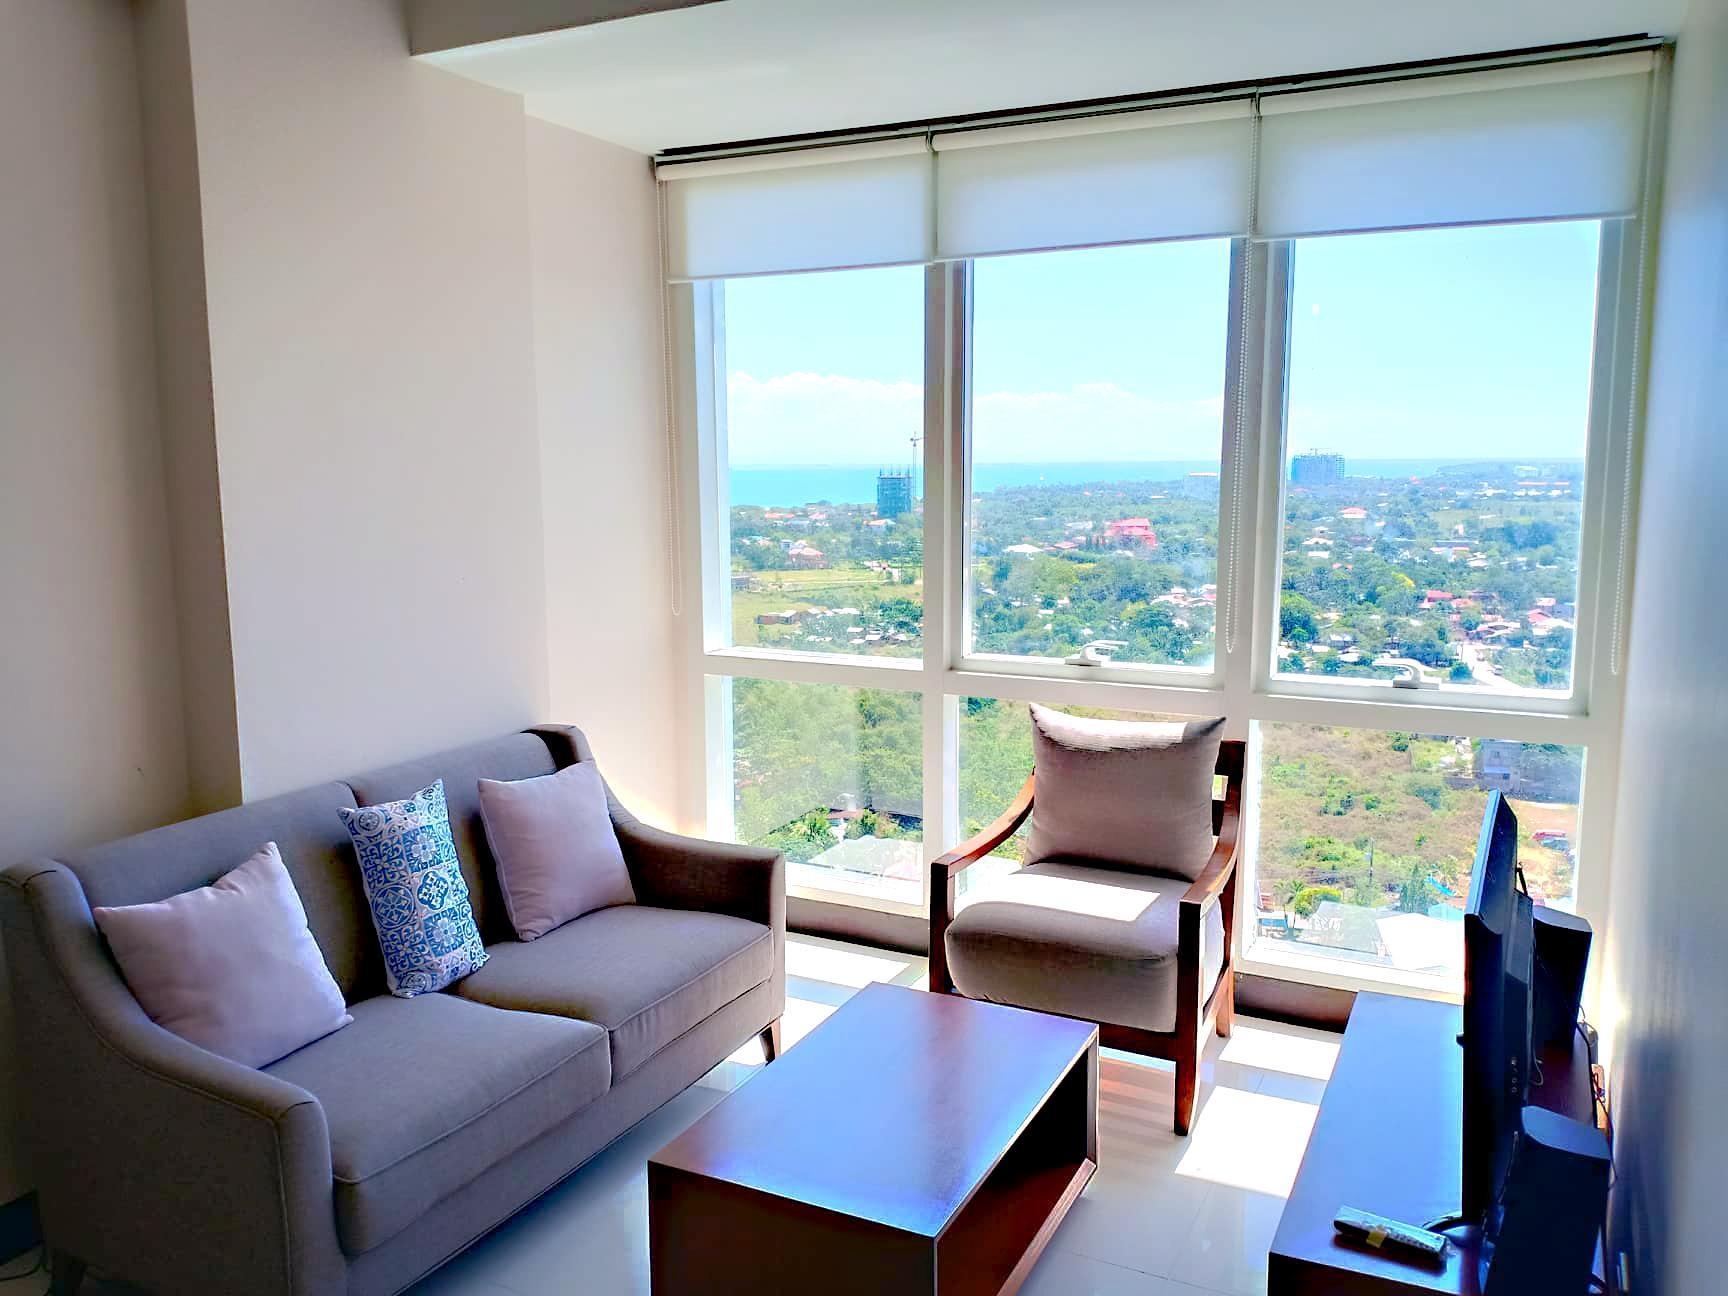 Mactan Newtown Oceanview One Bedroom 16th Floor